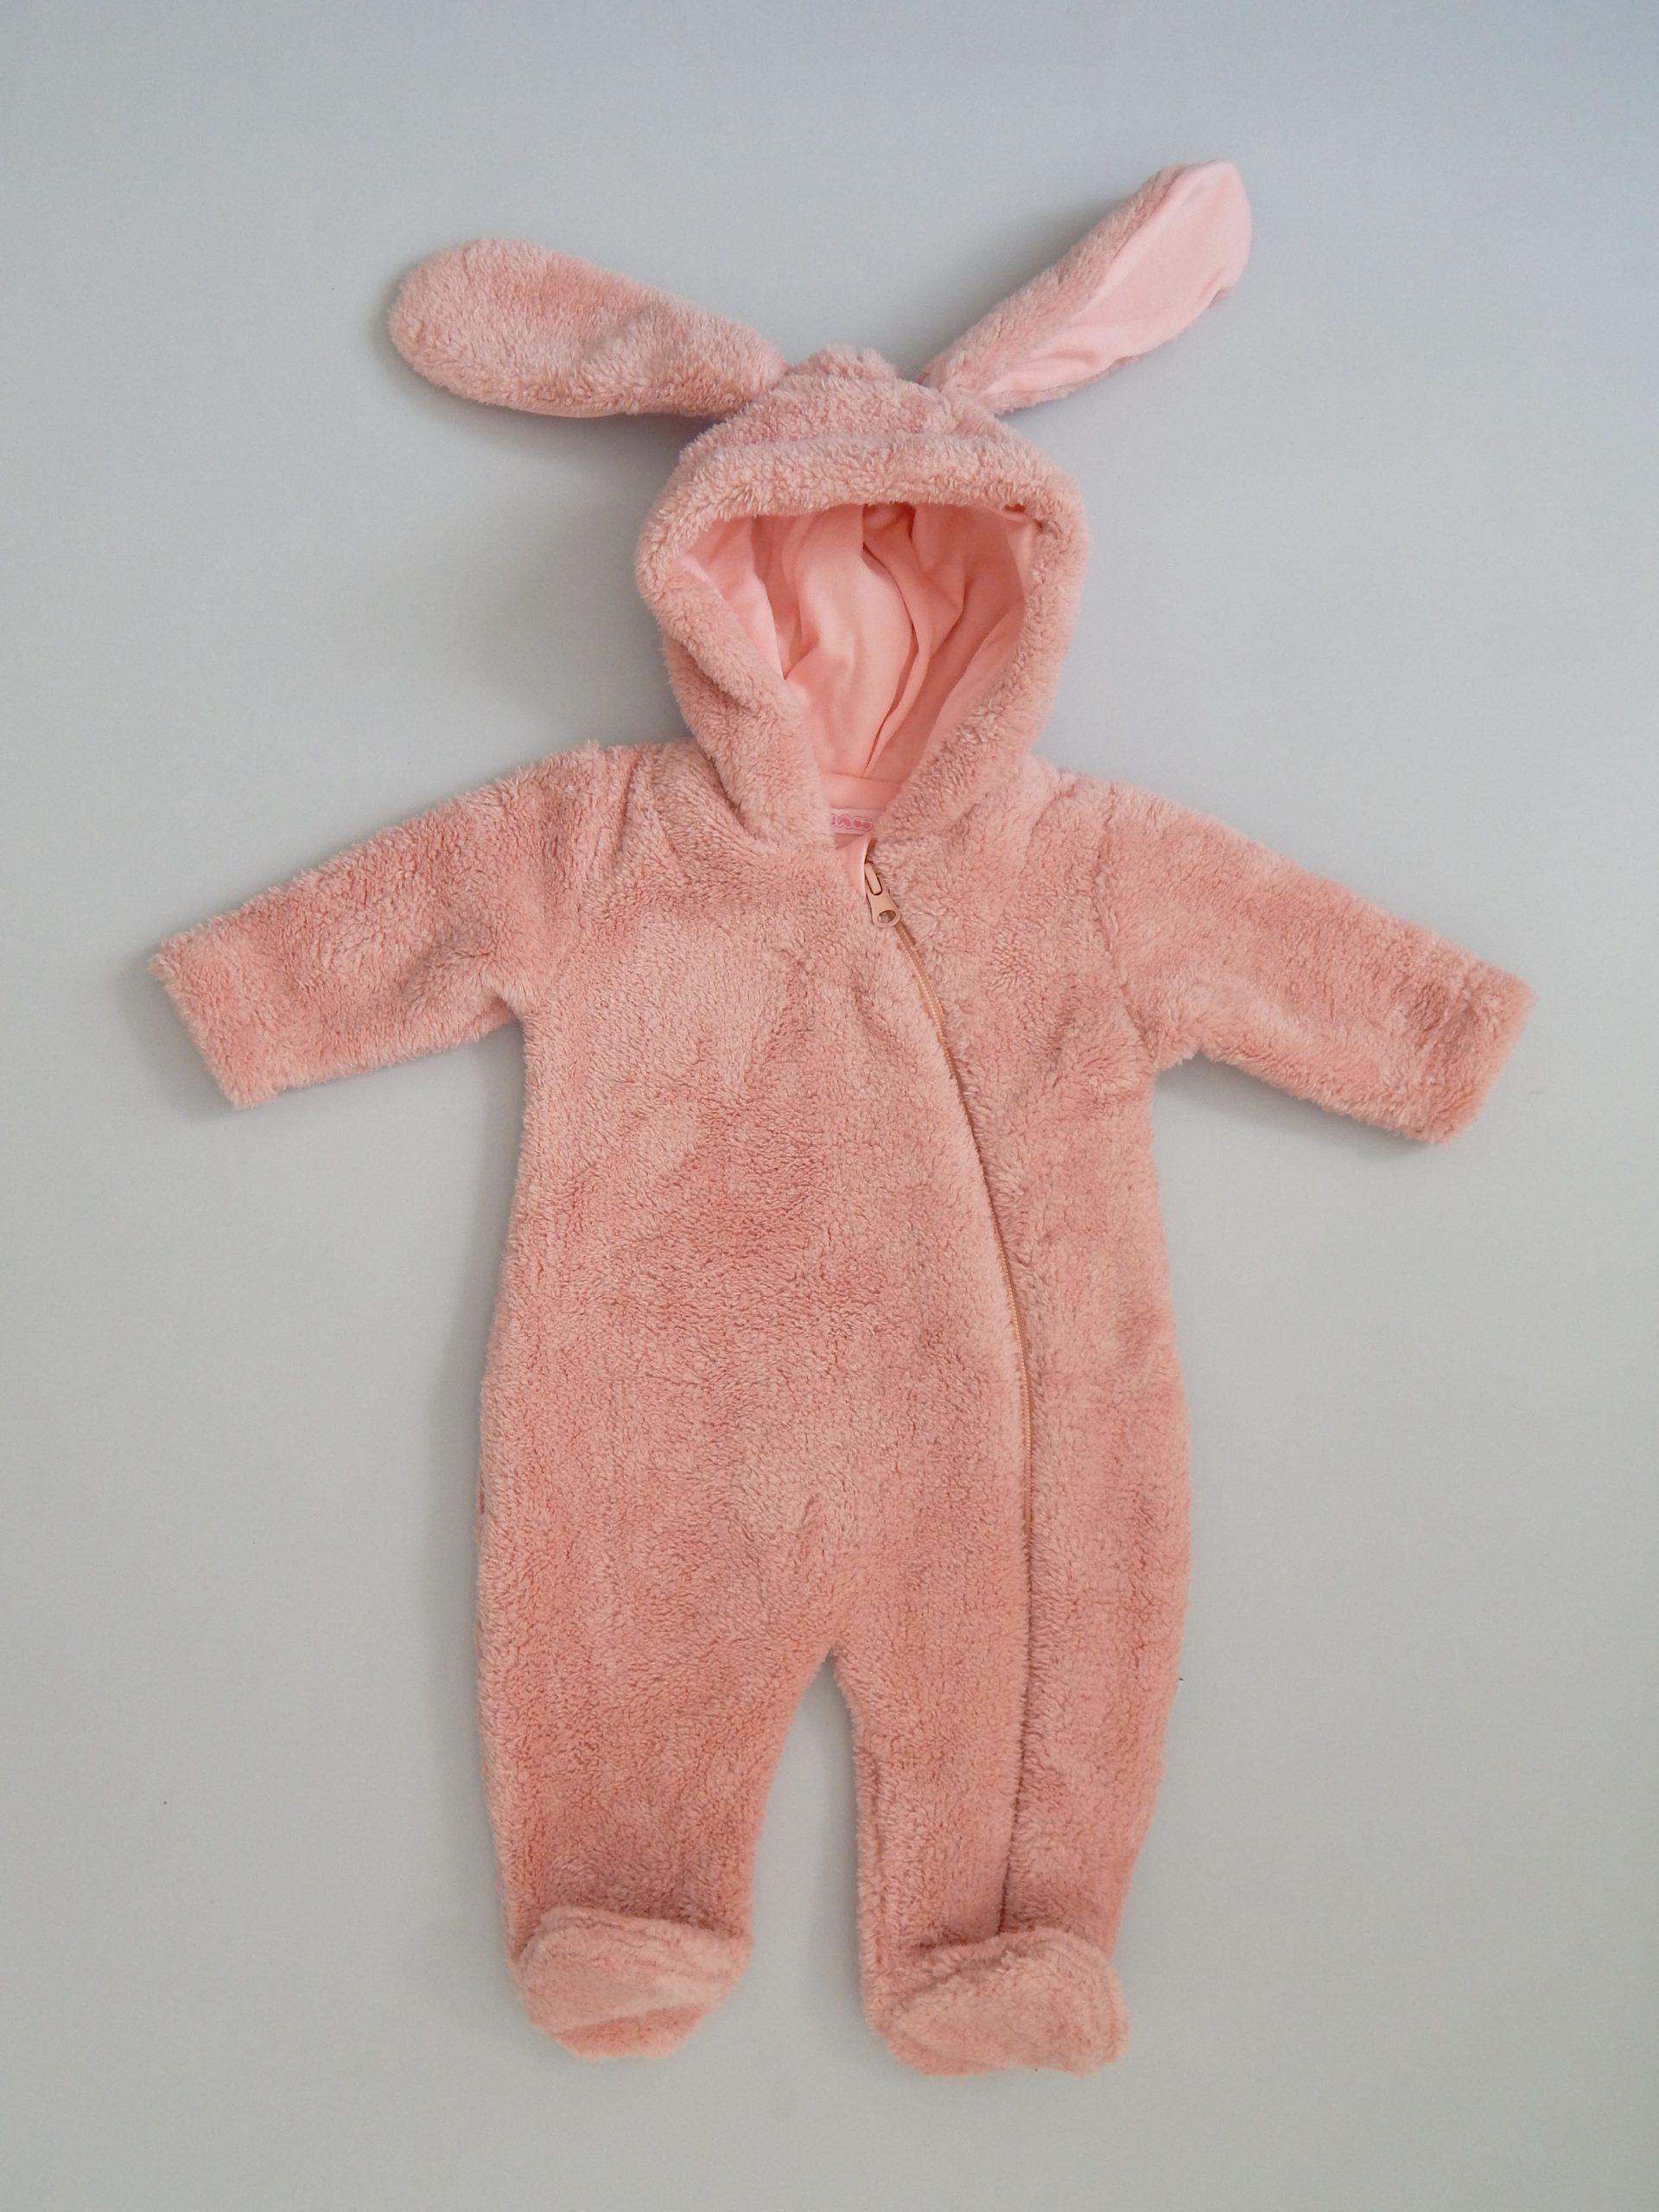 пухен гащеризон пухкав ромпър зайче за бебе момиче